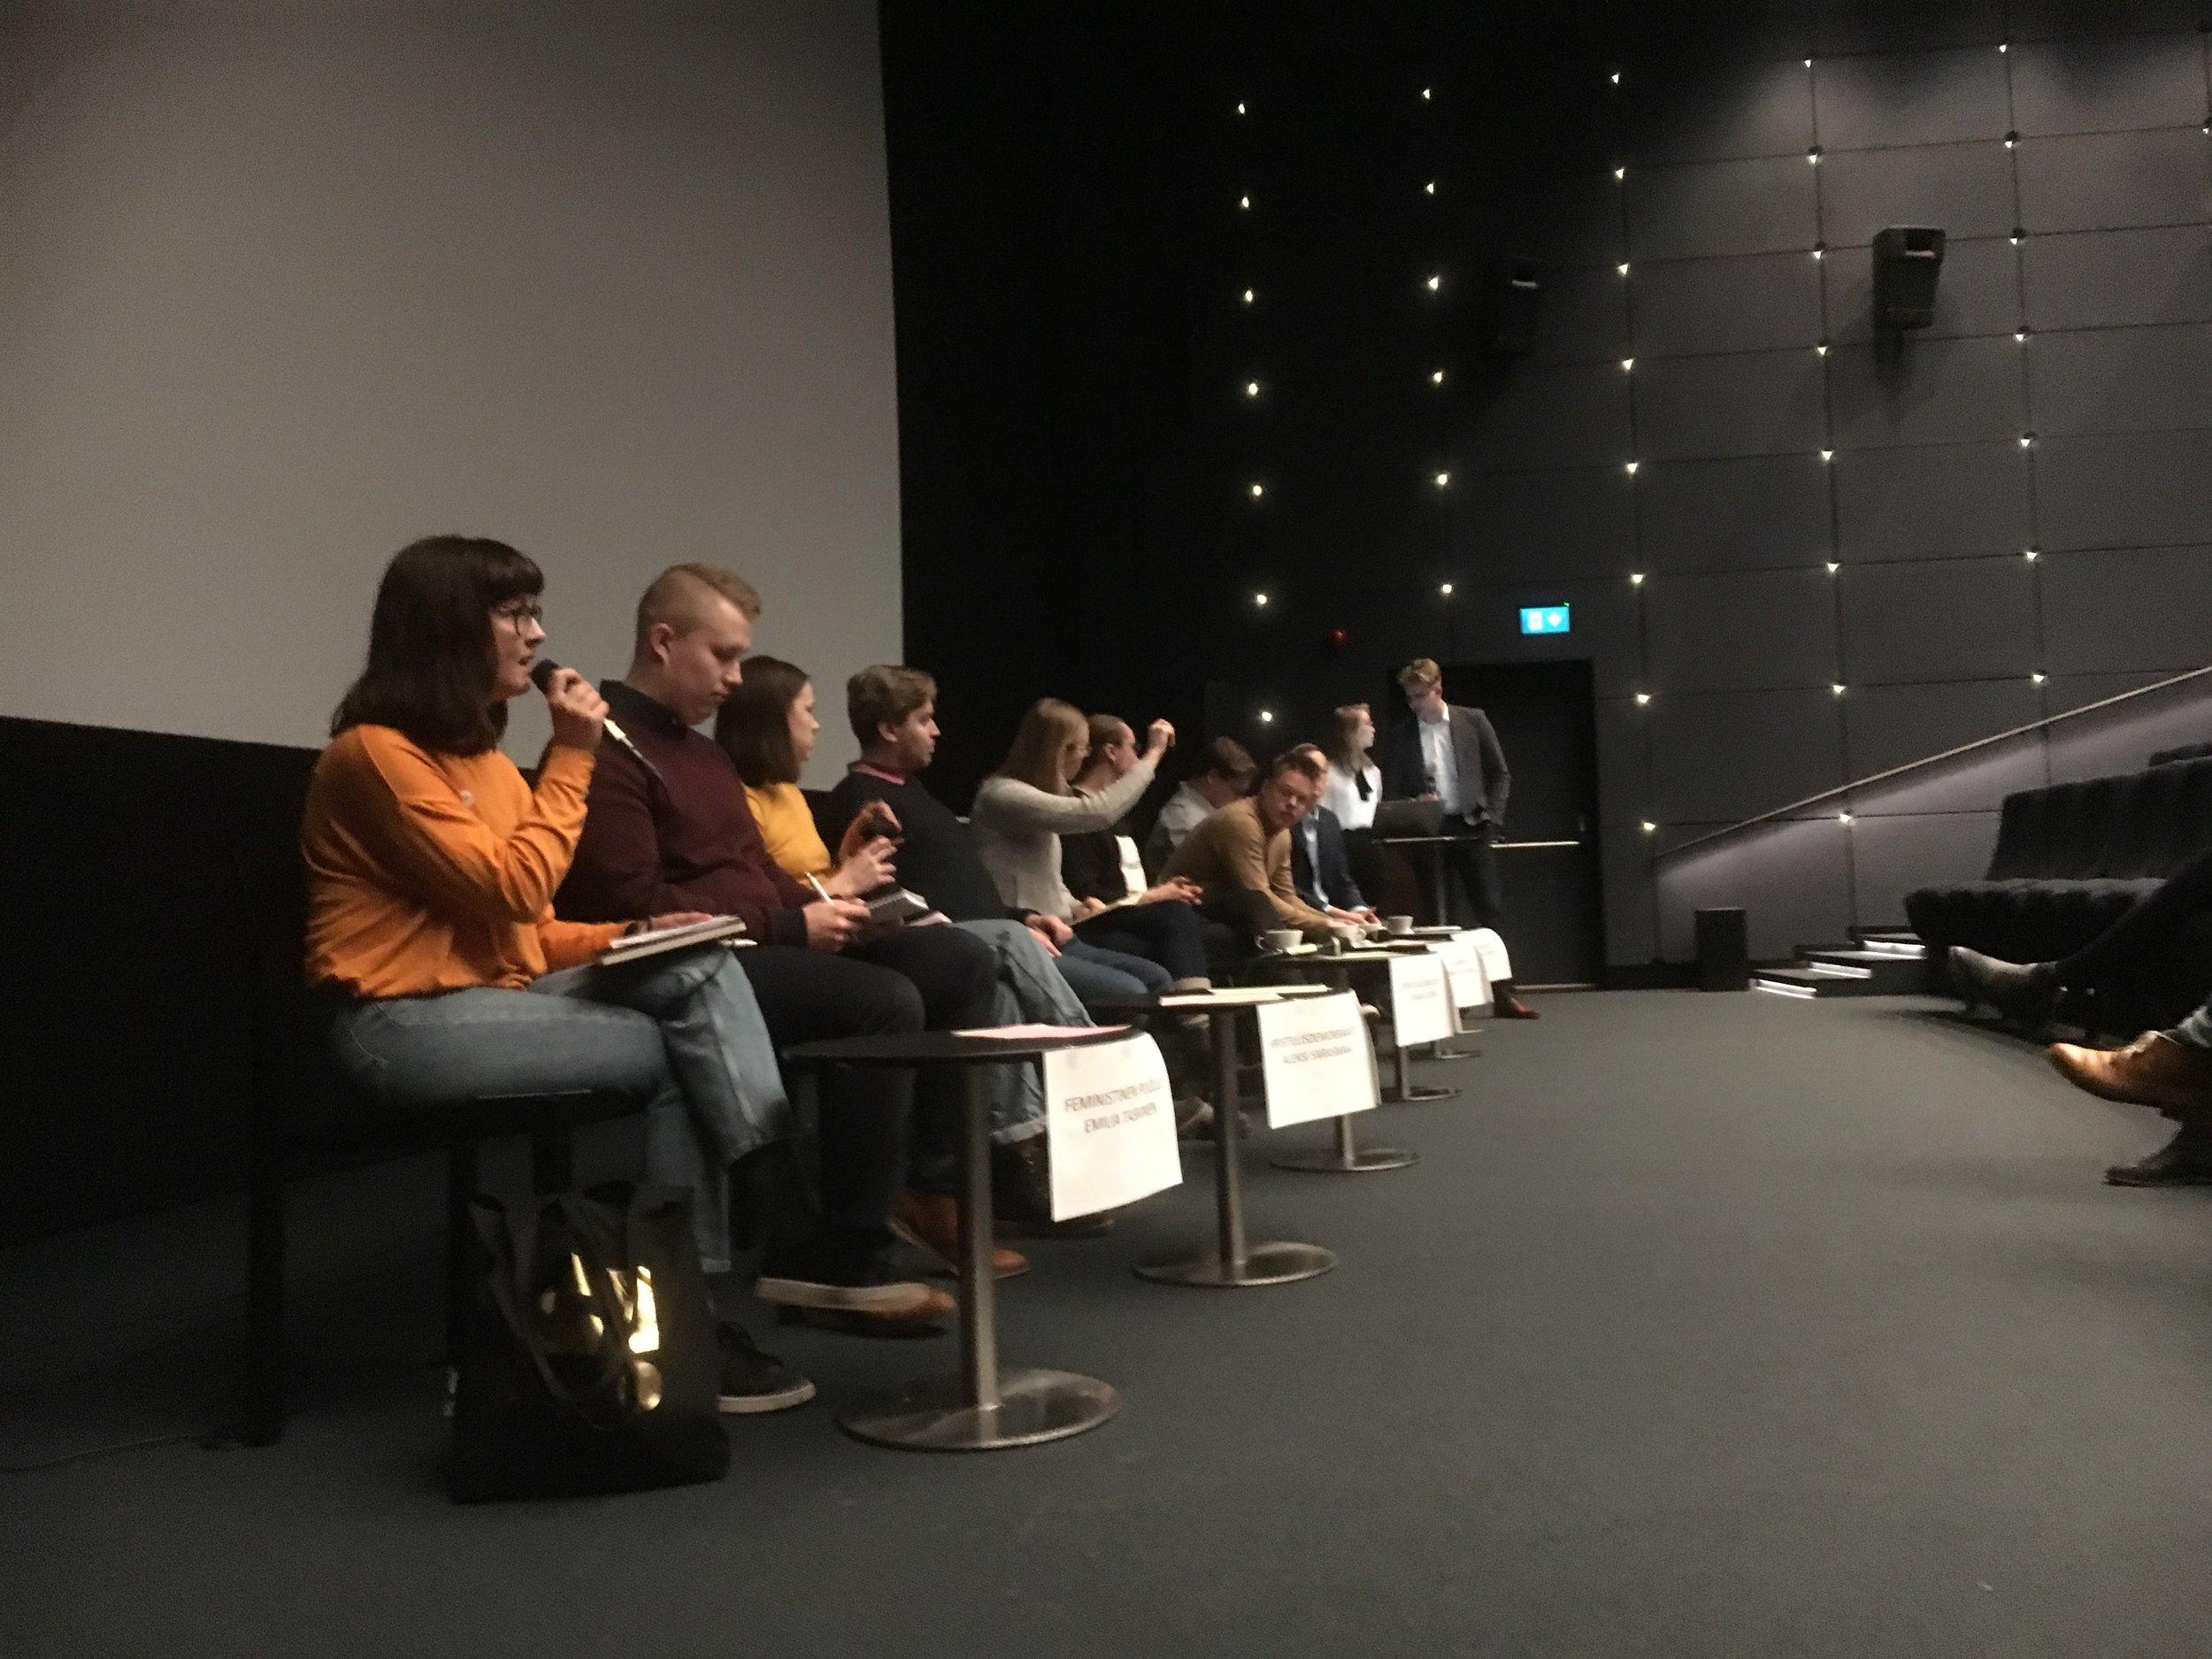 Uudenmaan maakunnallisen nuorisovaltuuston täysin itse organisoima vaalipaneeli keräsi 31.3. komean rivin poliittisia mielipiteitä kahdessa kattauksessa: ensin esiintyivät Helsingin vaalipiirin nuoret ehdokkaat (kuvassa), sitten oli Uudenmaan vaalipiirin vuoro.